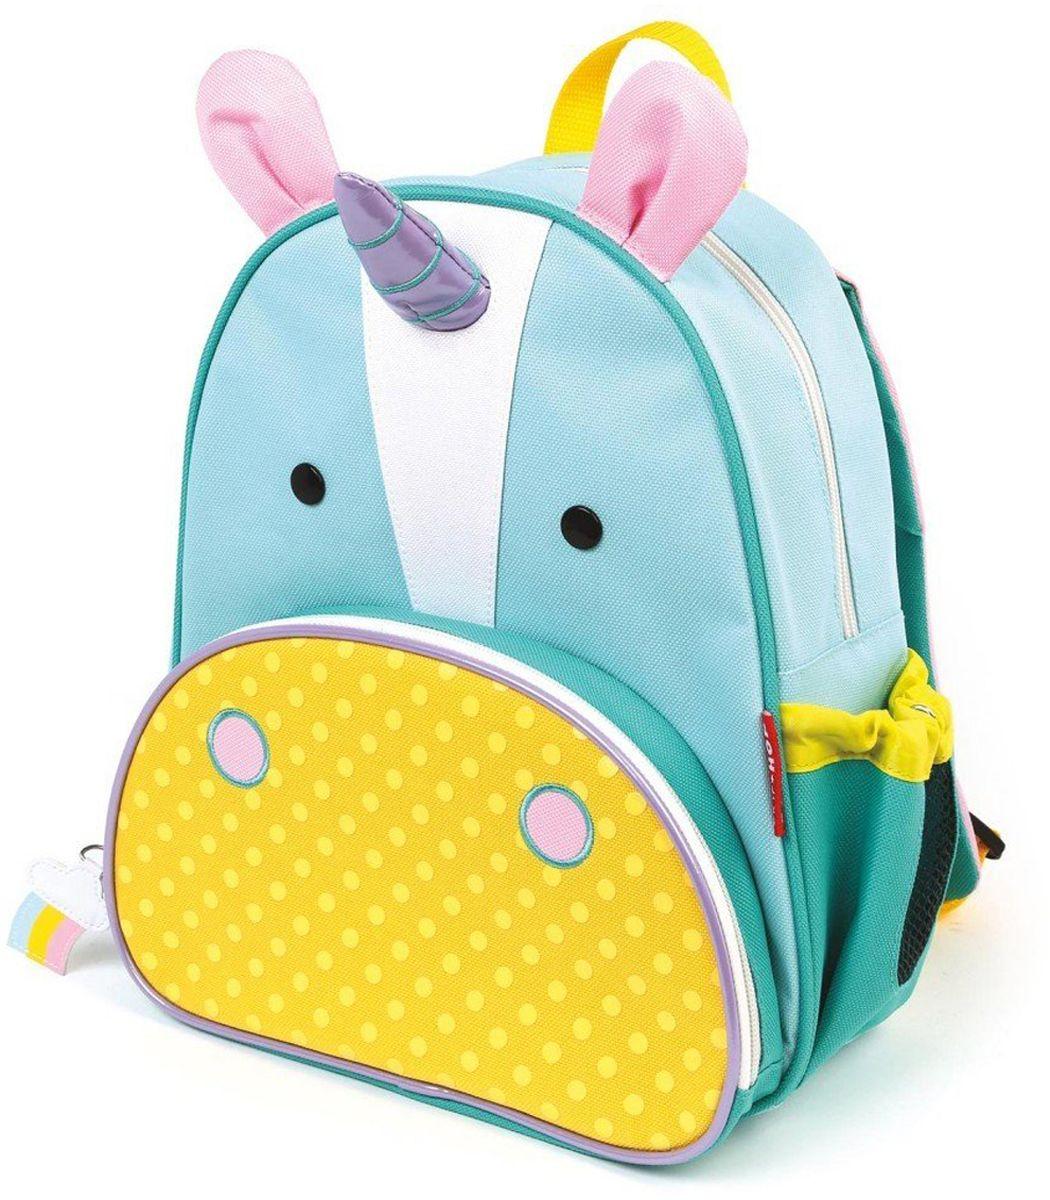 Skip Hop Рюкзак дошкольный ЕдинорогSH 210227Дошкольный рюкзак Skip Hop Единорог каждый день будет радовать вашего малыша, вызывать улыбки у прохожих и зависть у сверстников.С ним можно ходить в детский сад, спортивные секции, на прогулку, в гости к бабушке или ездить на экскурсии. В основной отсек легко поместятся книжка, альбом для рисования, краски, фломастеры, любимая игрушка и контейнер с едой, а специальный кармашек сбоку предназначен для бутылочки с водой. Передний кармашек на молнии предназначен для мелких вещей. Внутренний карман на резинке зафиксирует положение содержимого: не даст выпасть фломастерам или сломаться киндер-сюрпризу.Рюкзачок выполнен из прочной ткани, способной выдерживать бесконечное количество стирок в машинке.